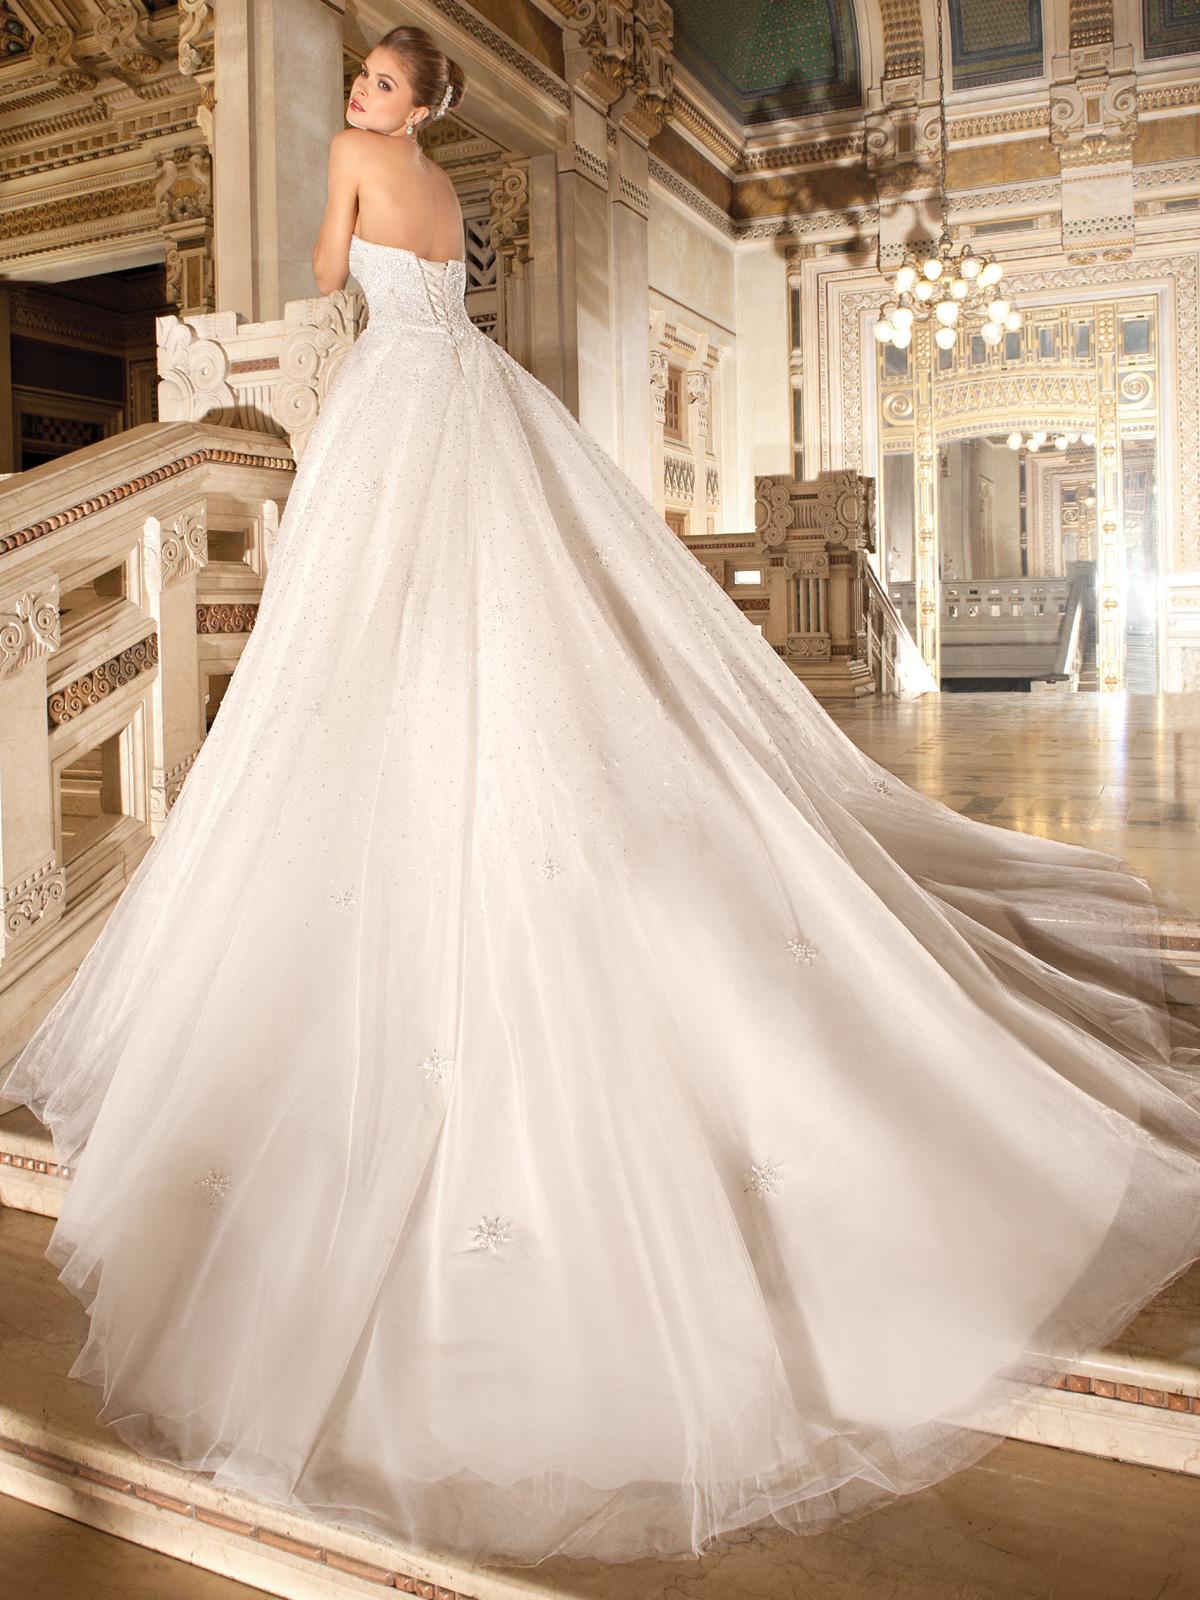 Vestido de Noiva romântico e tradicional !! Corpo marcado em renda toda rebordada em pedrarias e cristais . Modelo tem uma explosão de brilho e glamour !!